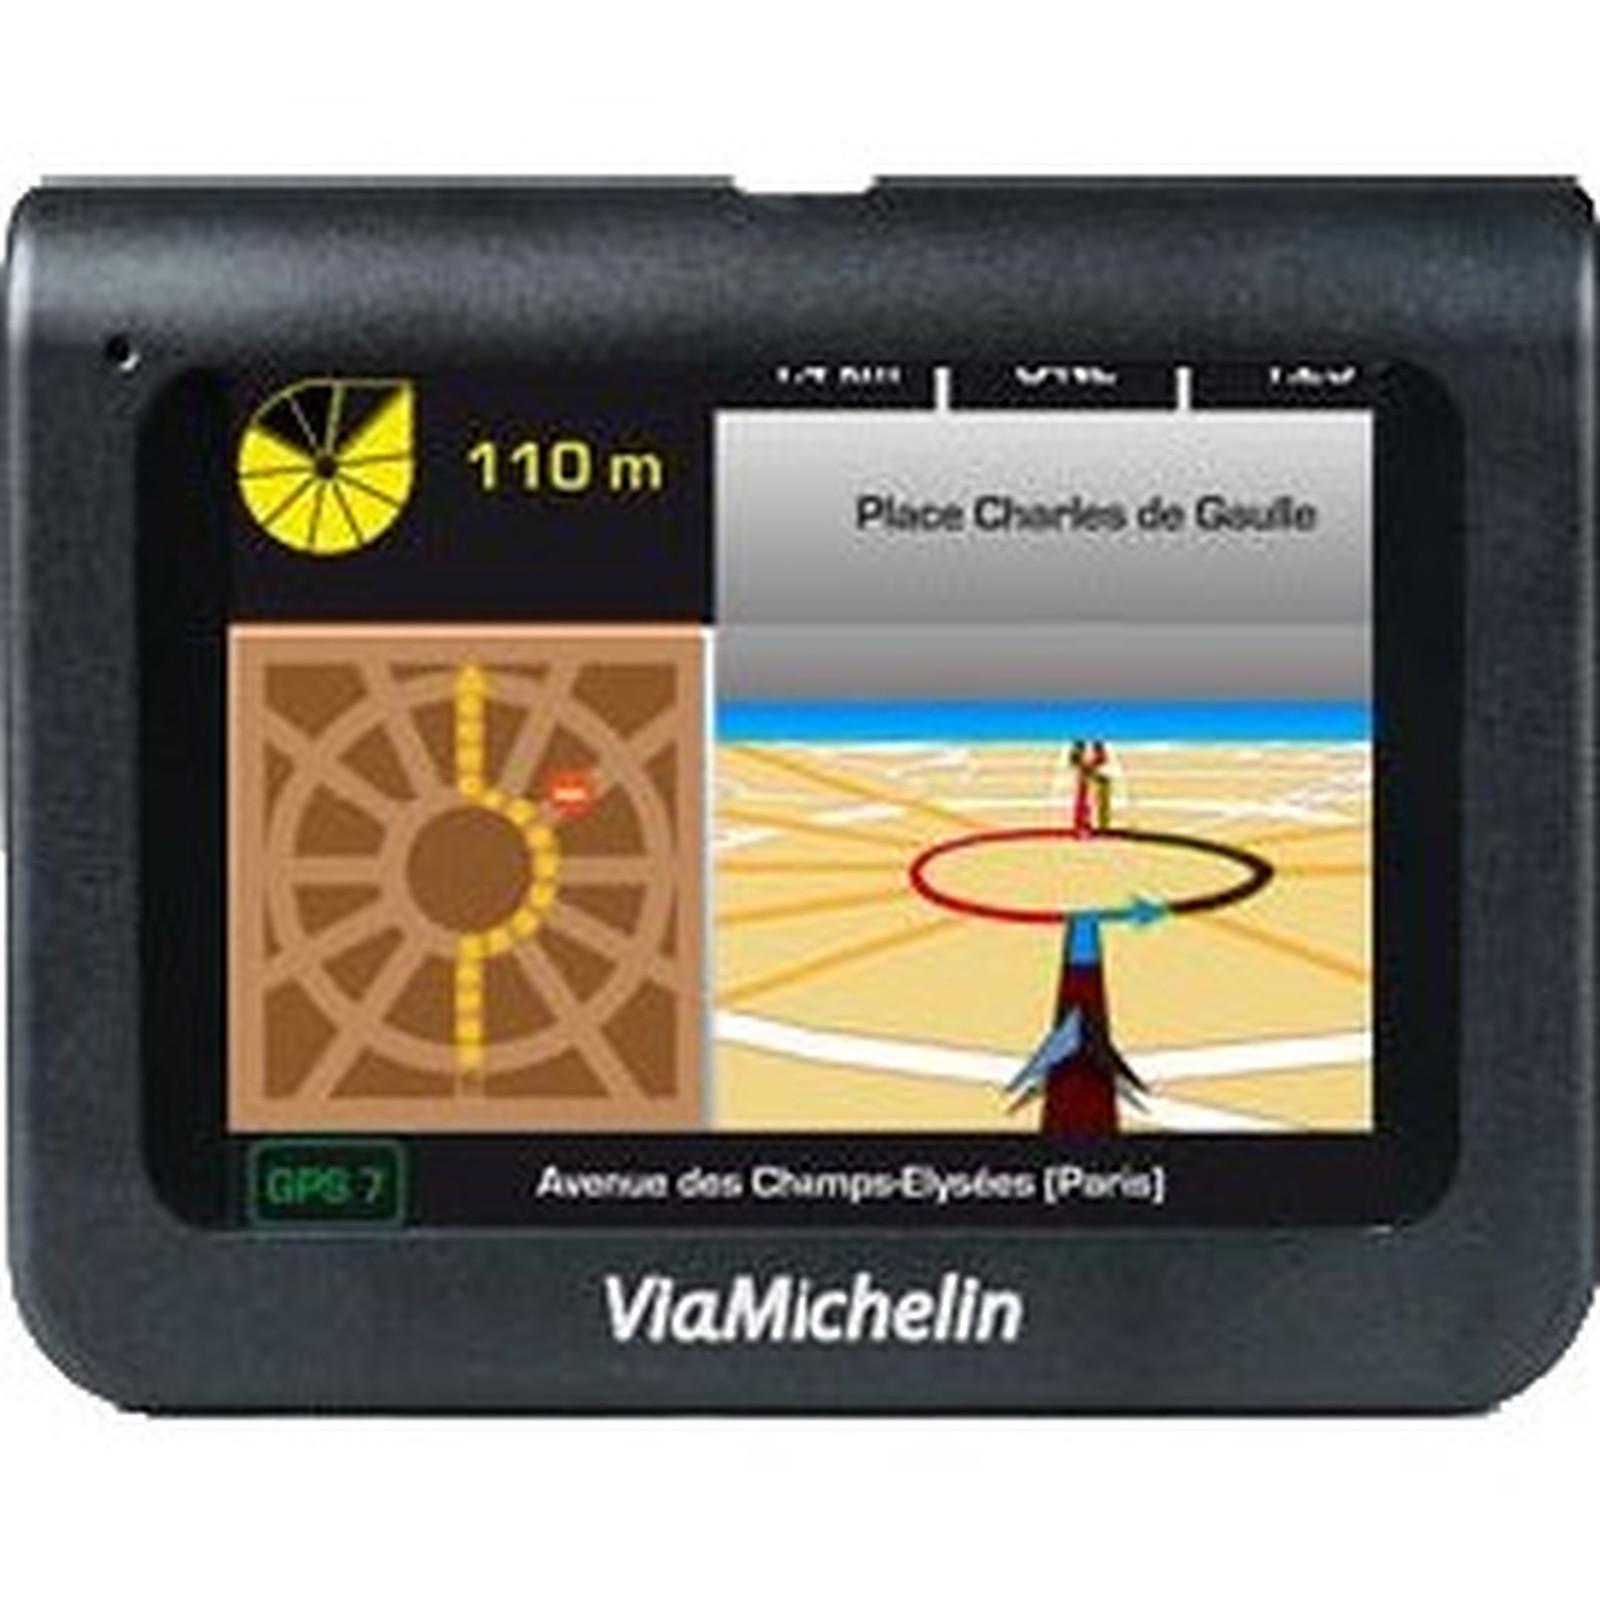 VIAMICHELIN GPS X960 LOGICIEL TÉLÉCHARGER